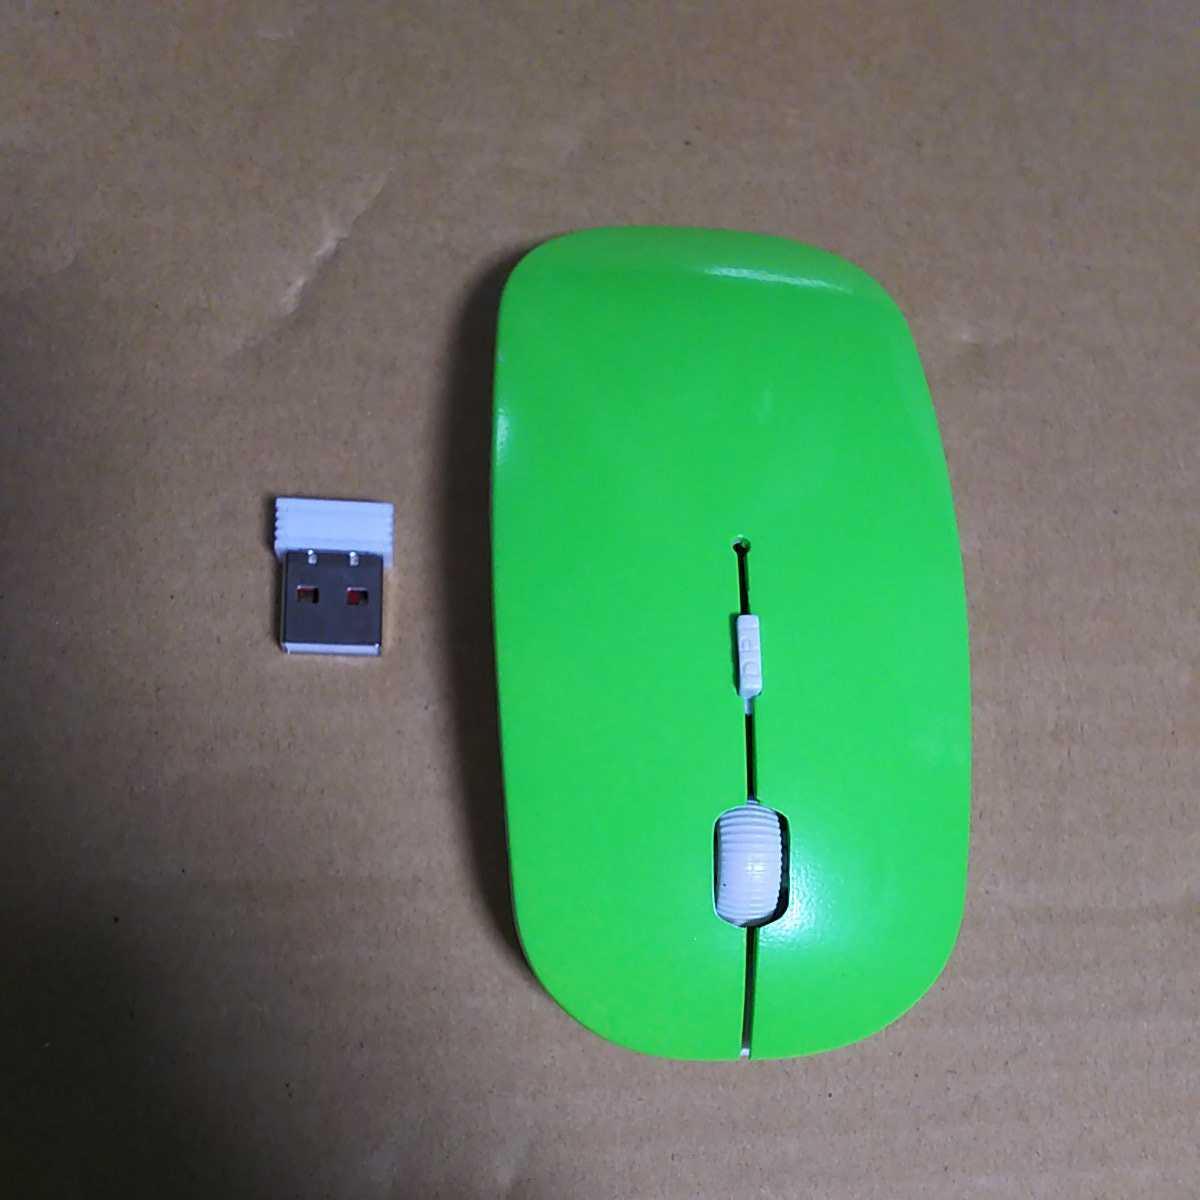 ◆ワイヤレスマウスサイレント 超薄型のUSB 2.4Gコンパクト省エネ グリーン